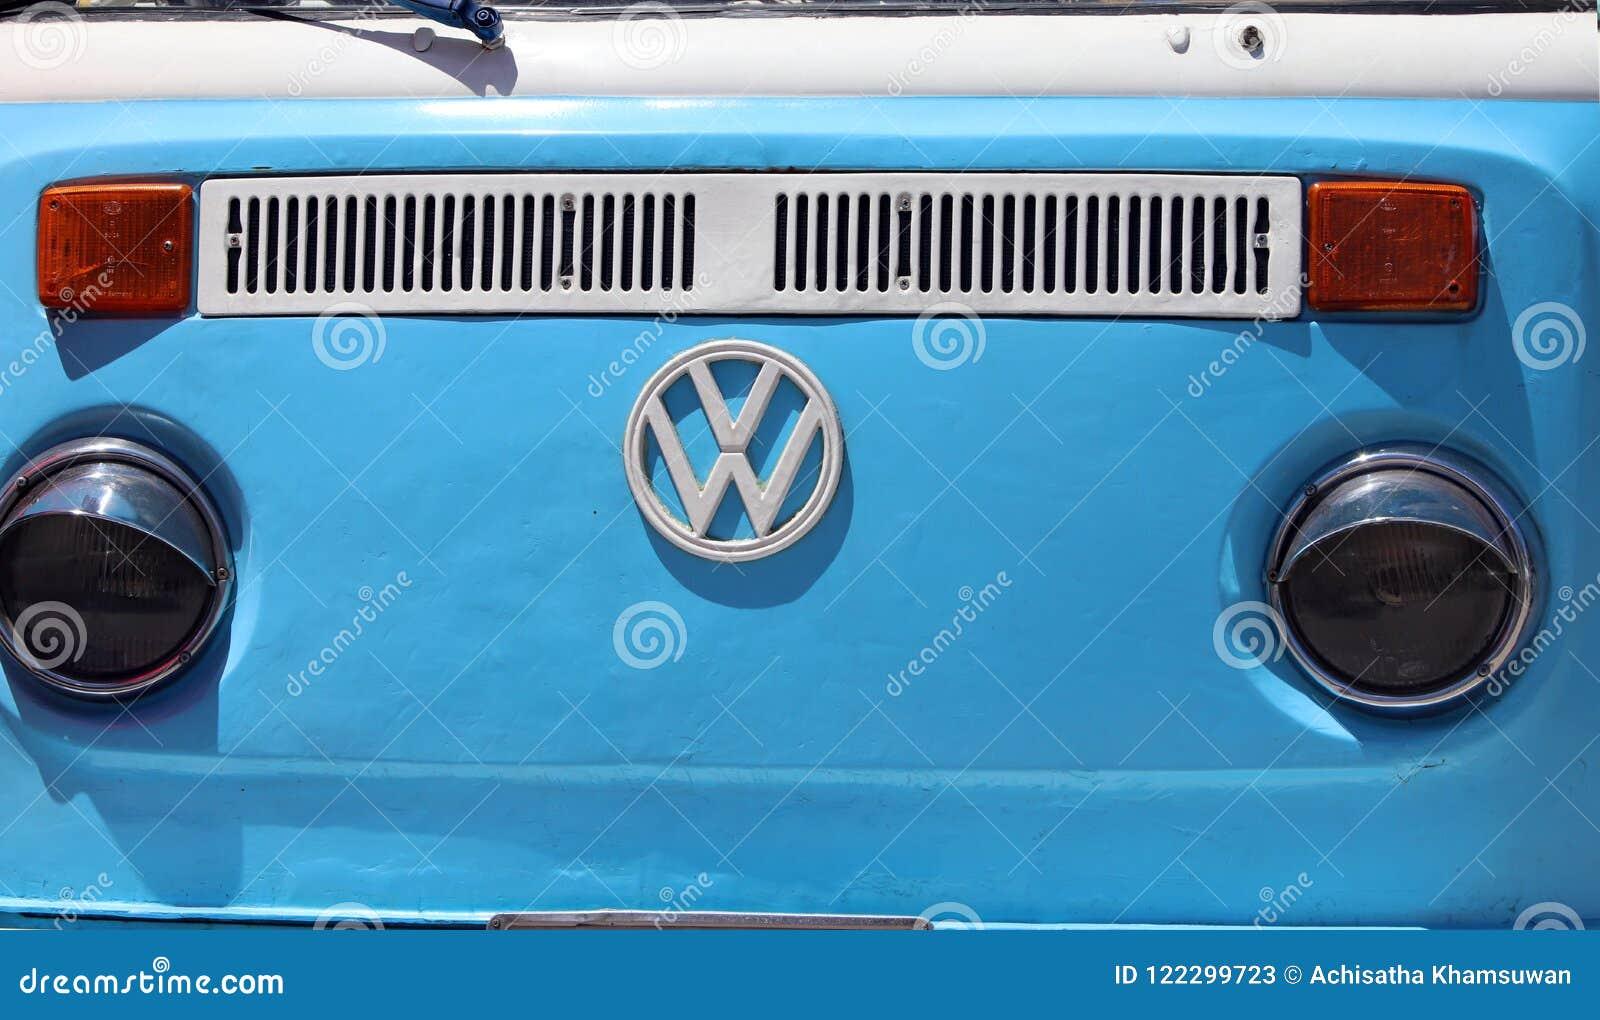 蓝色大众搬运车前面有白合金商标和车灯的